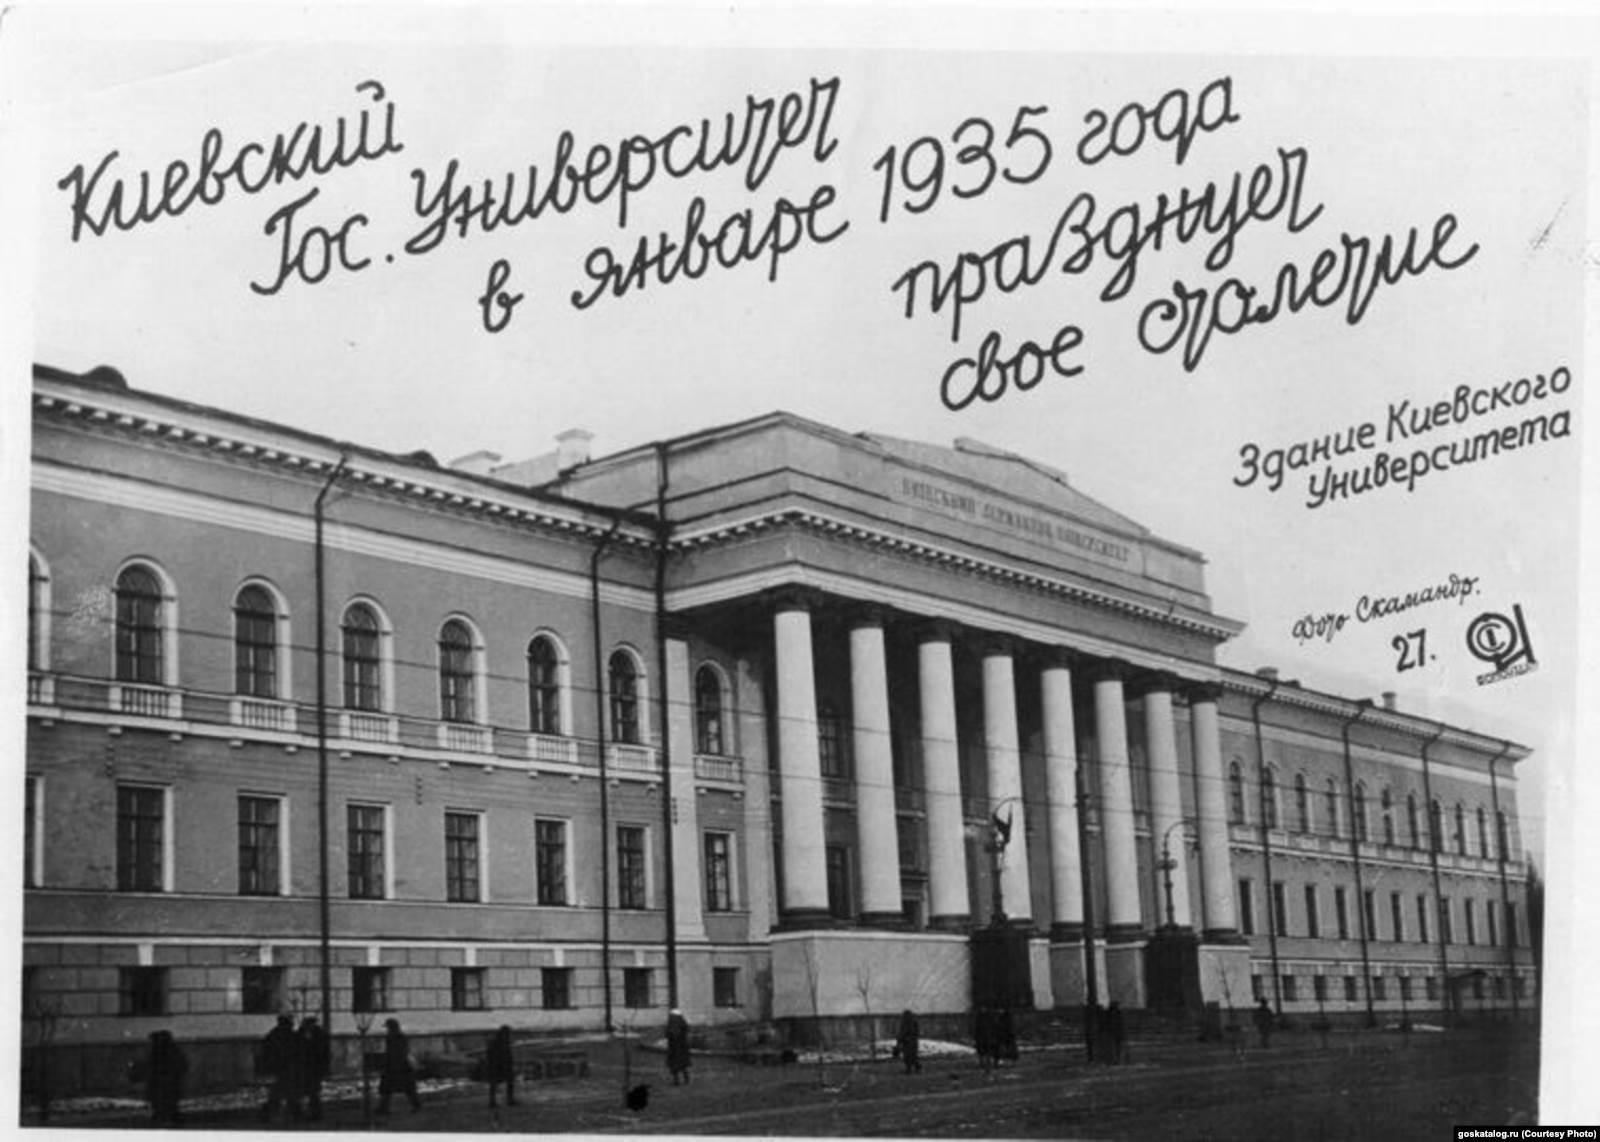 На снимках Скамандра, которые удалось найти, изображены здания. Главный корпус Киевского Государственного университета, 1934. Источник: goskatalog.ru